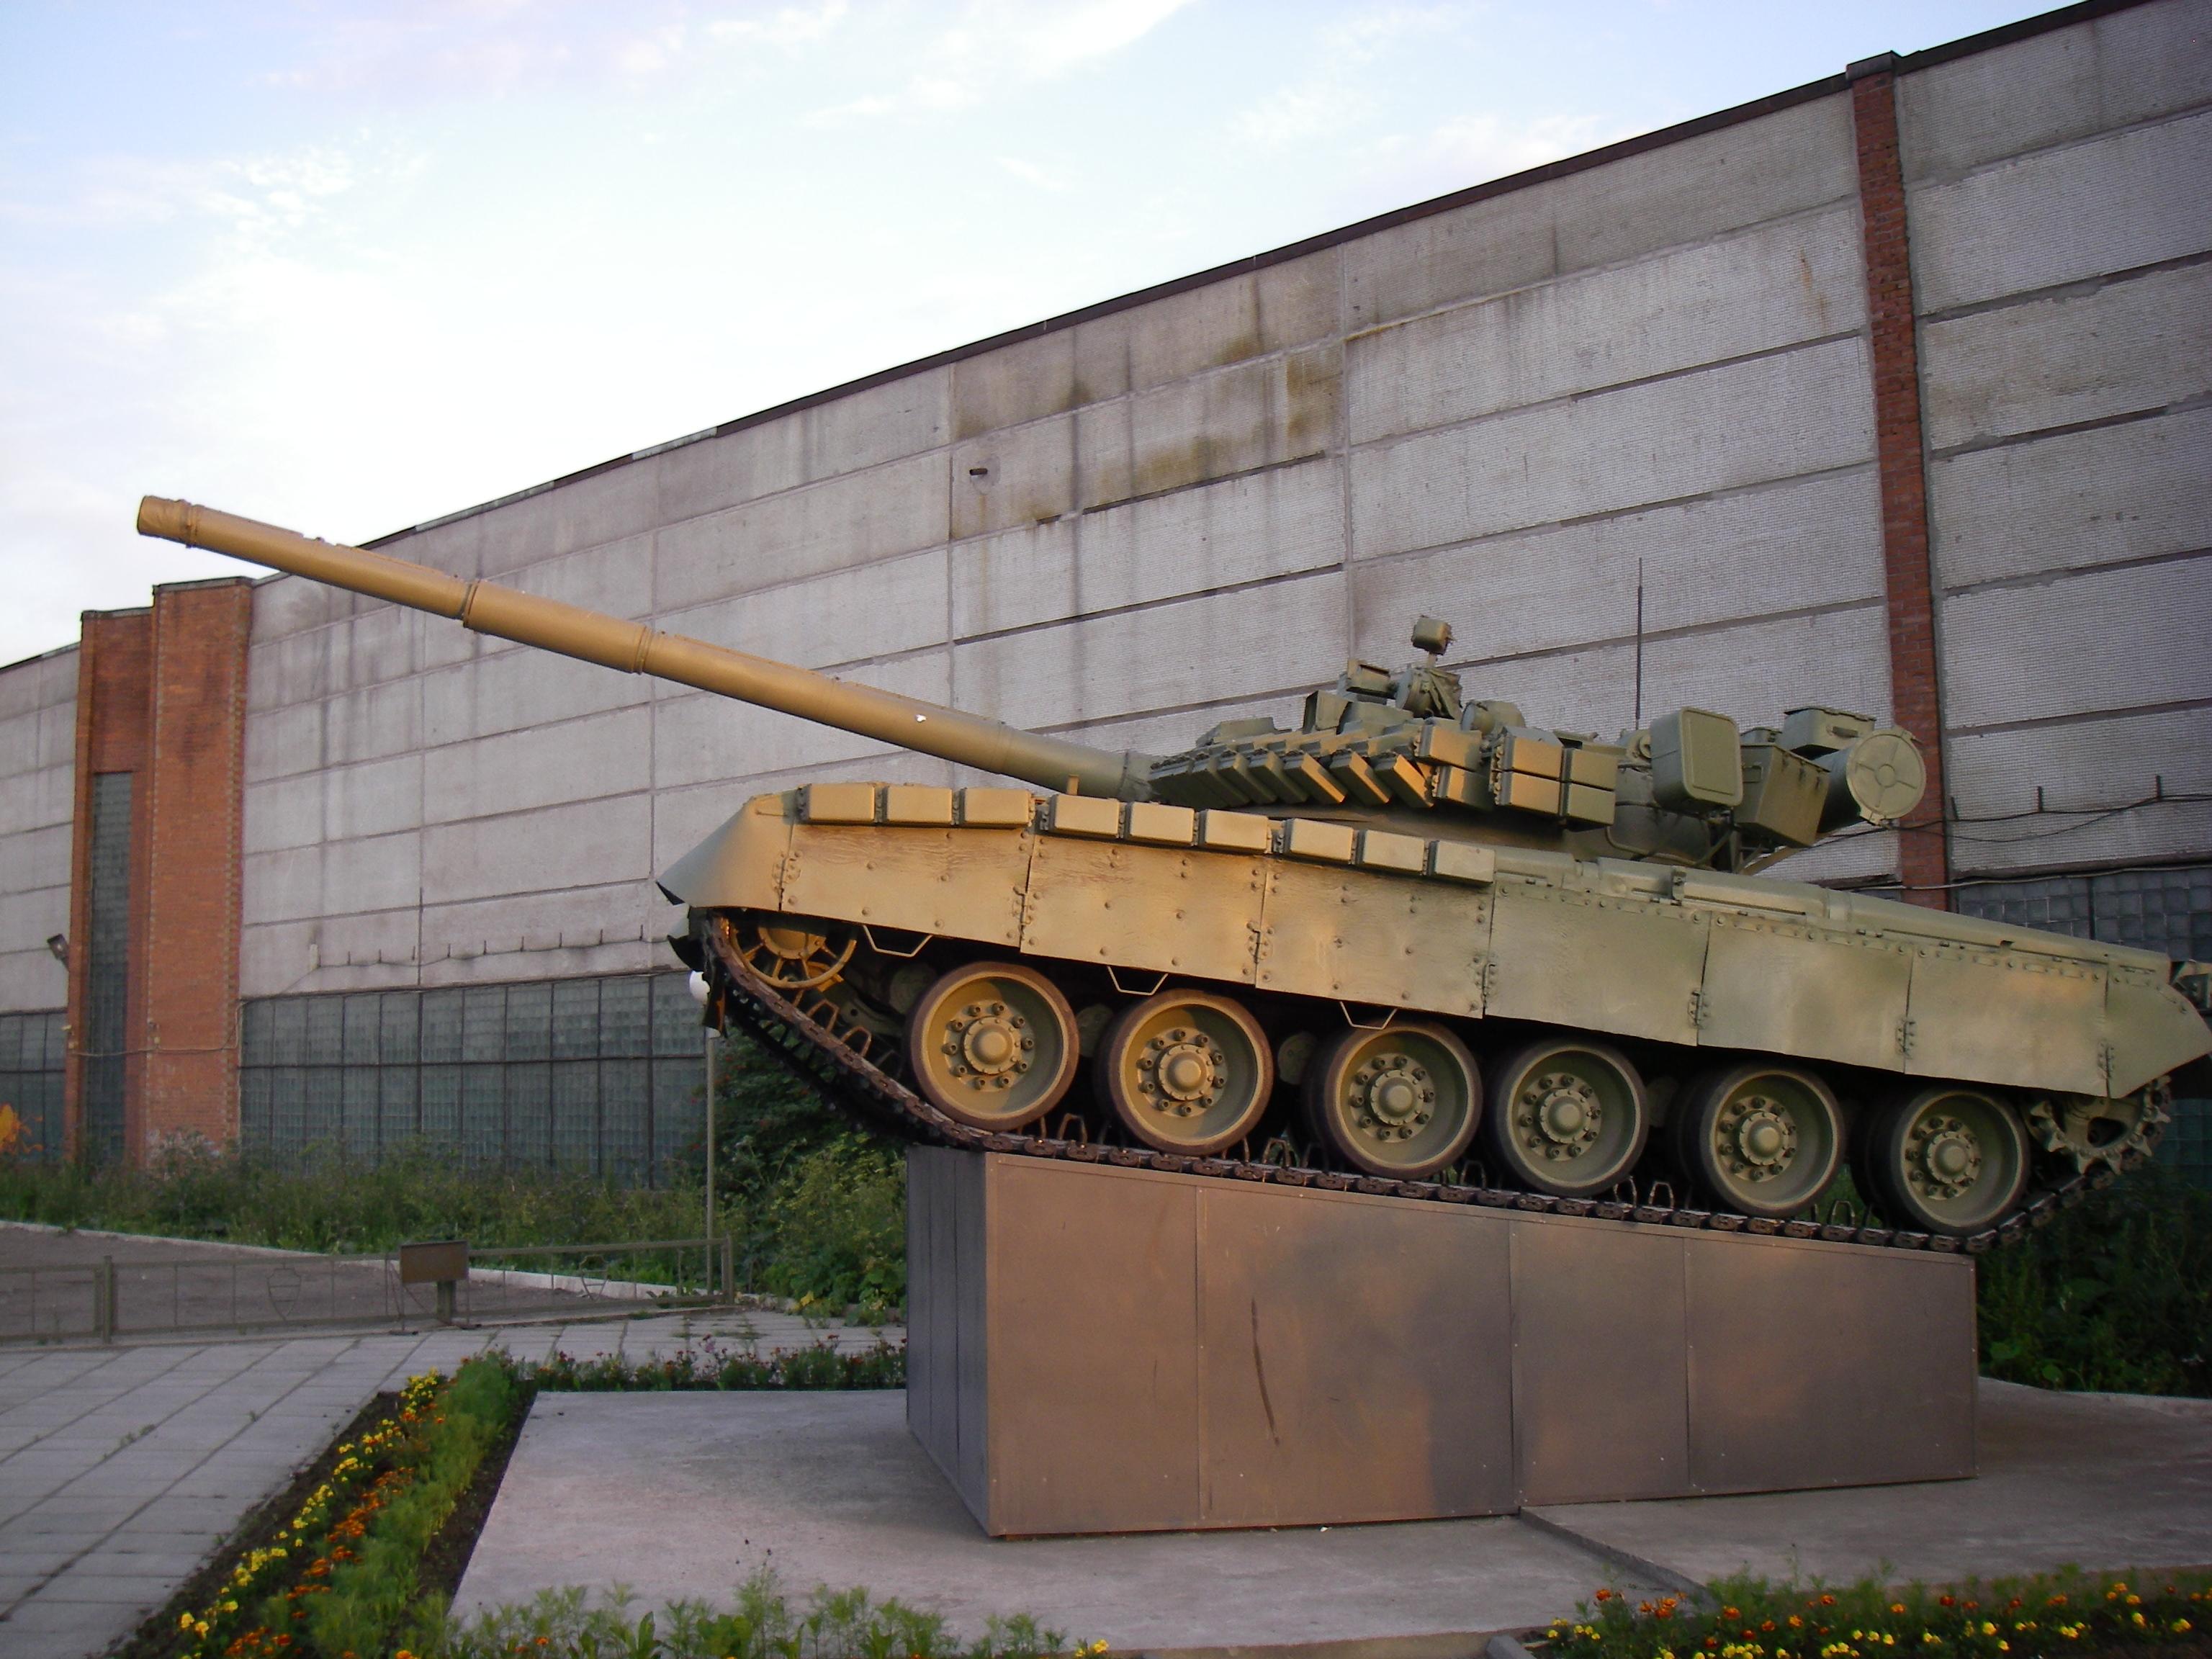 T-80_in_SPb.jpg